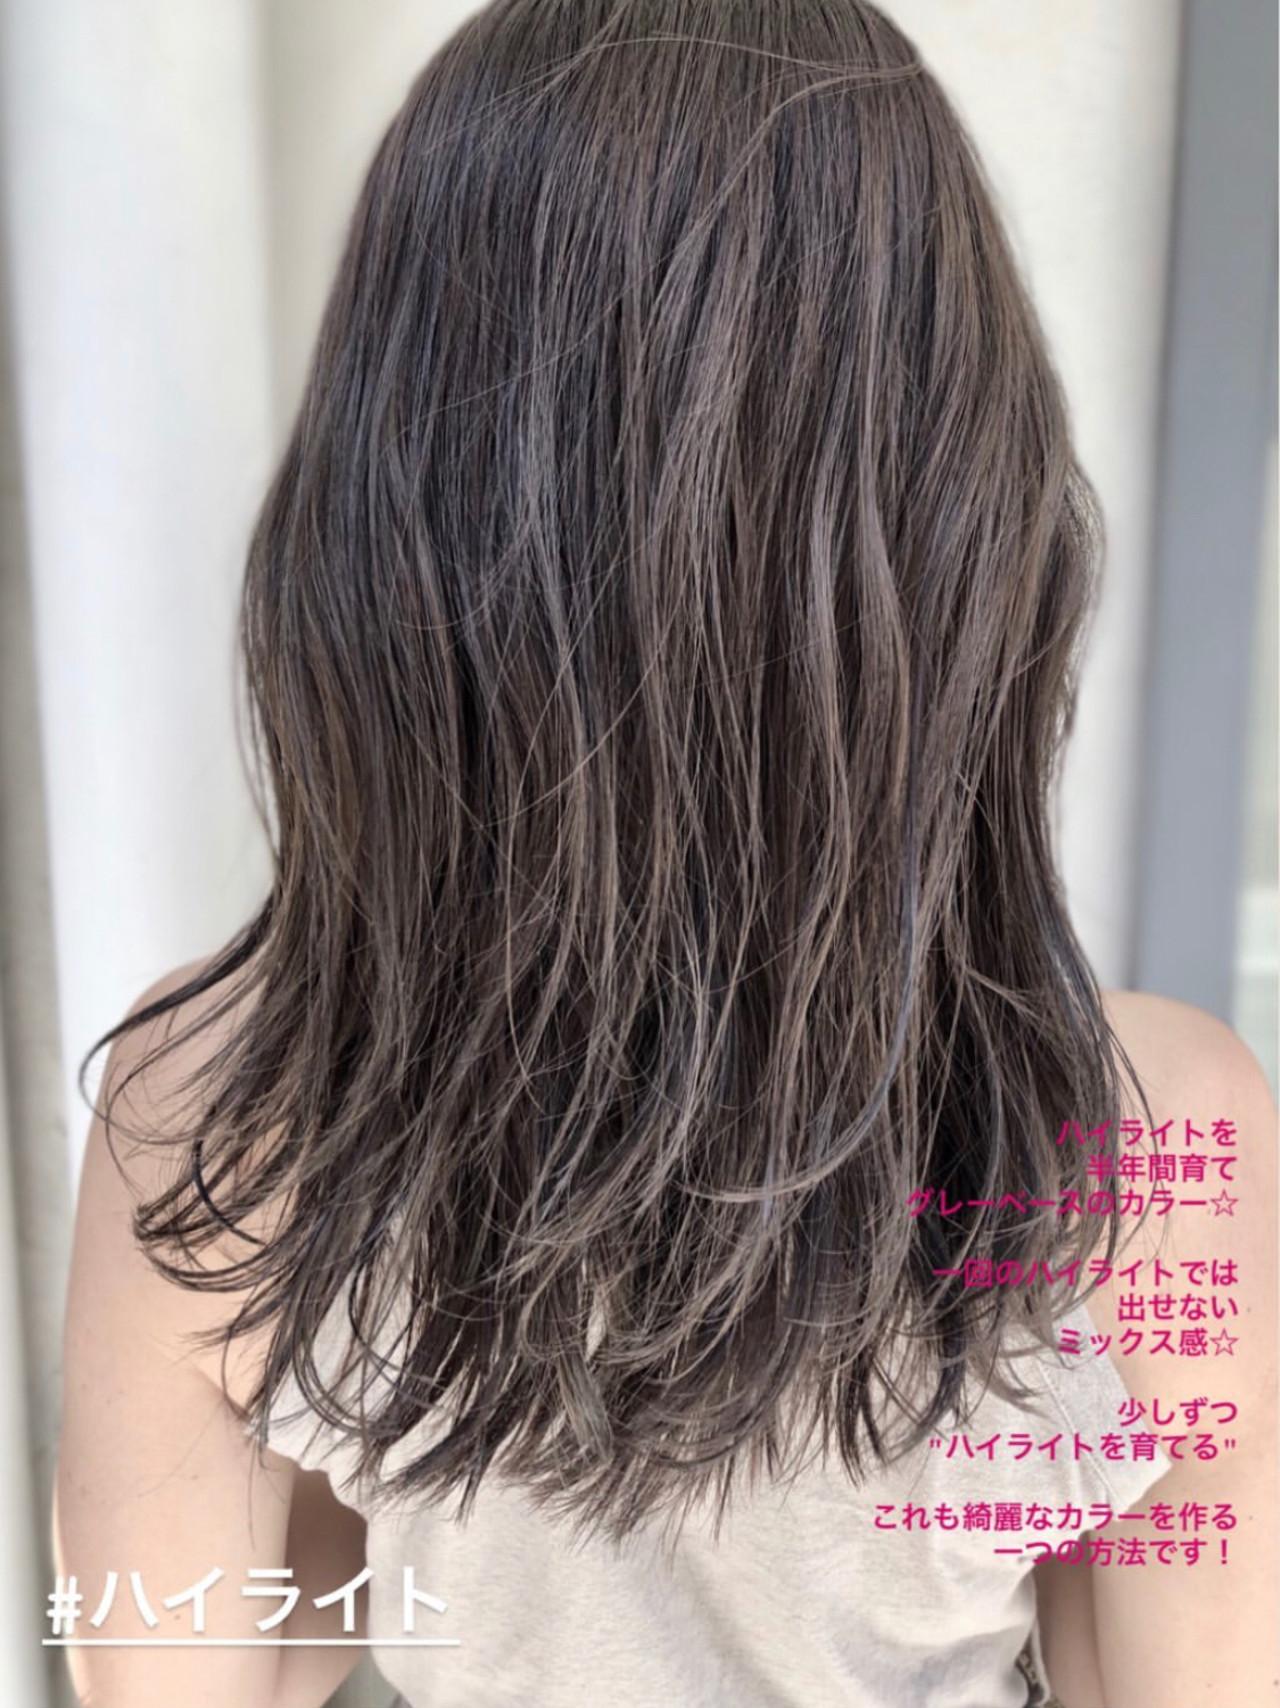 セミロング アンニュイほつれヘア ハイライト グレージュ ヘアスタイルや髪型の写真・画像